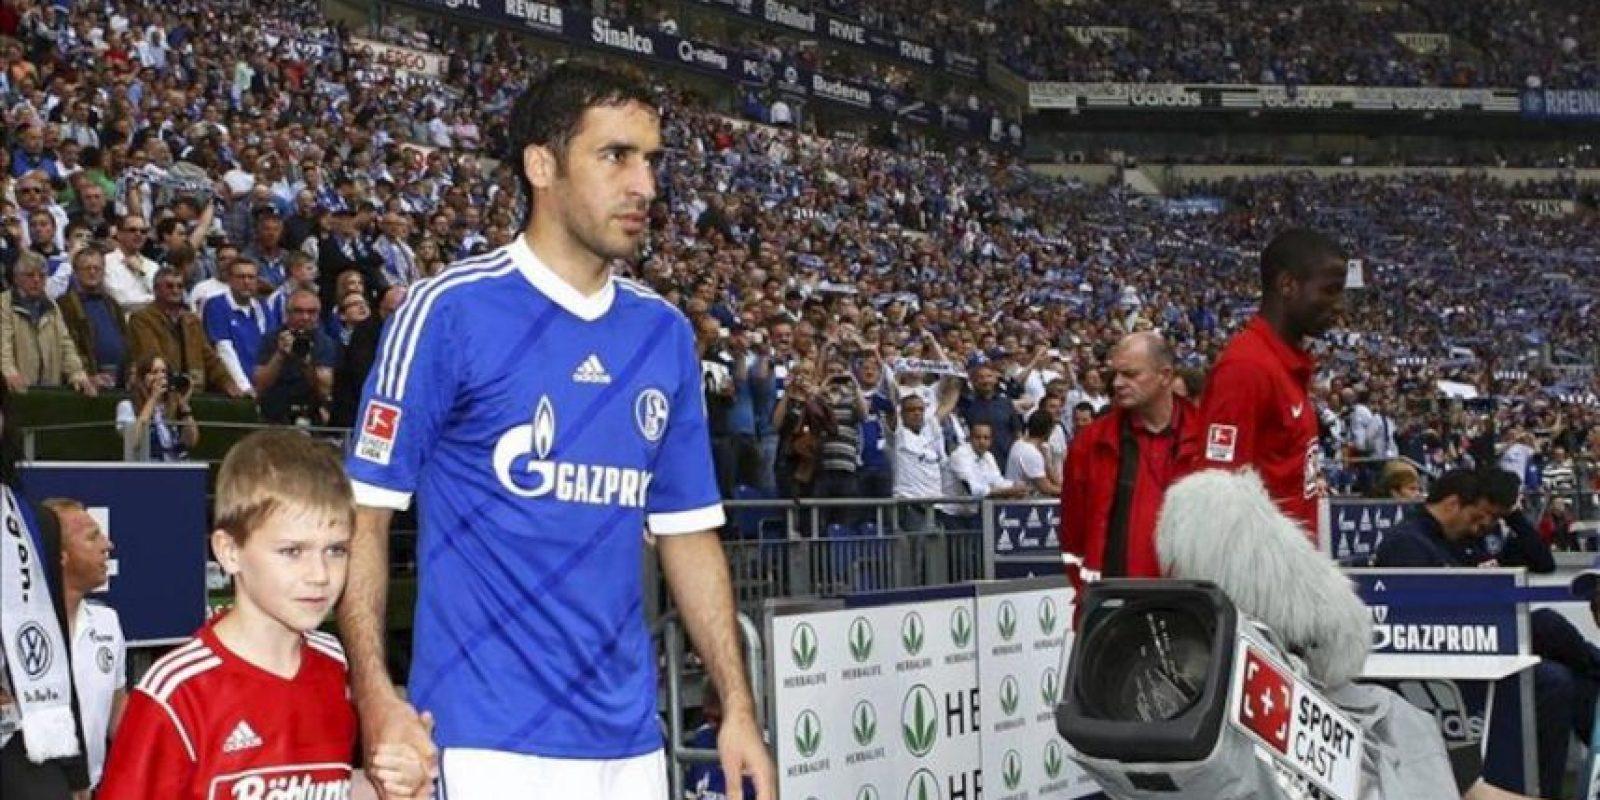 El jugador español del Schalke 04, Raúl González (i) entra al campo antes del inicio del partido de fútbol de la Bundesliga alemana entre FC Schalke 04 y el Hertha BSC en Gelsenkirchen, Alemania. EFE